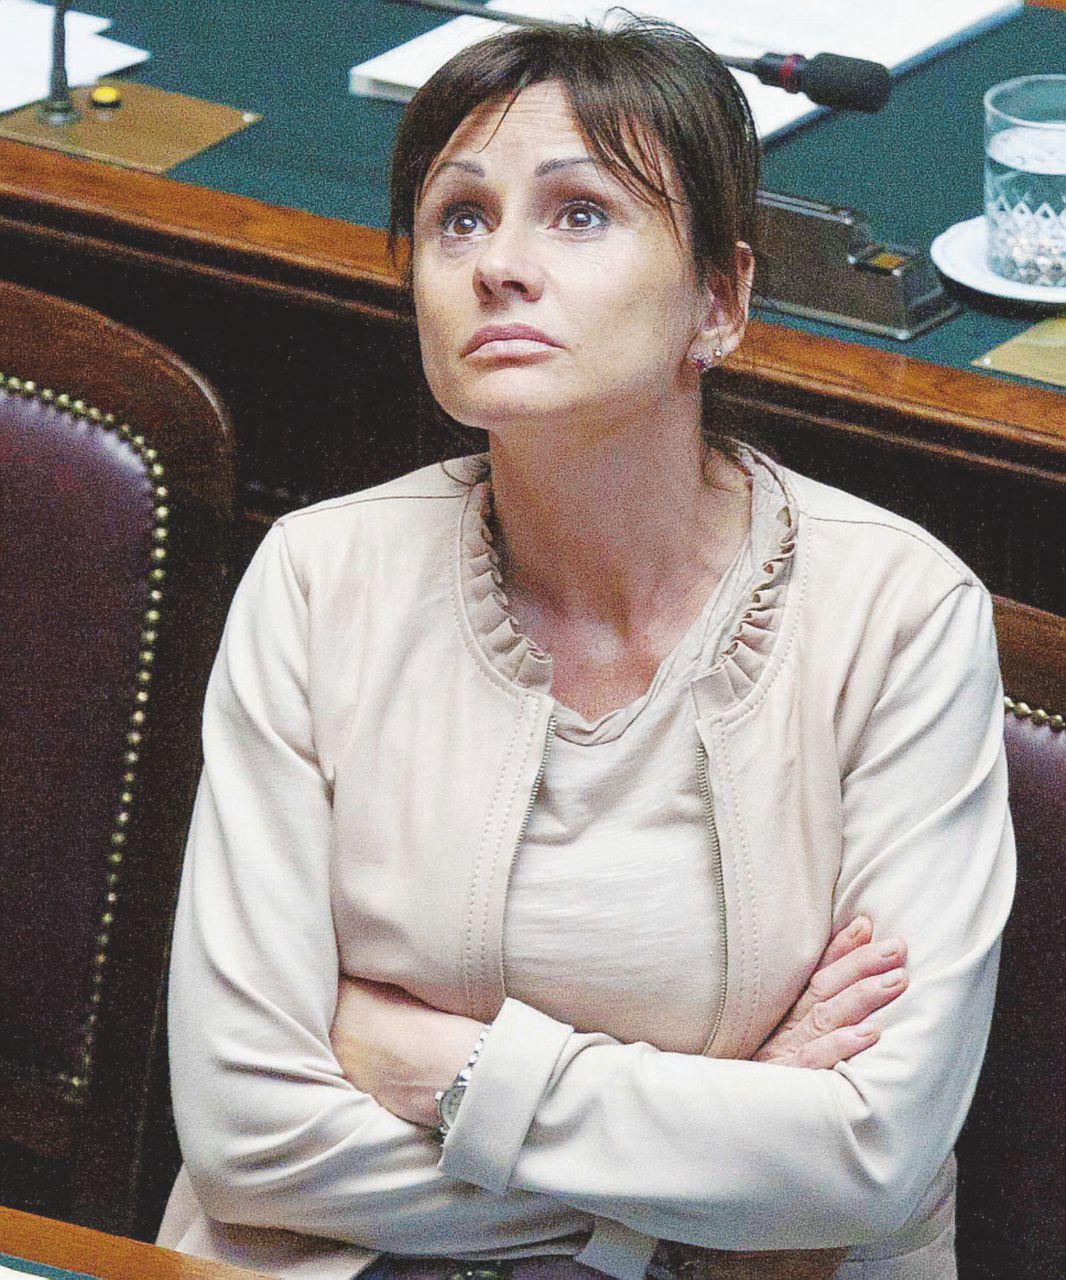 In Edicola sul Fatto Quotidiano del 20 maggio: Vicari ko, giustizia a orologeria: leggi in cambio di Rolex